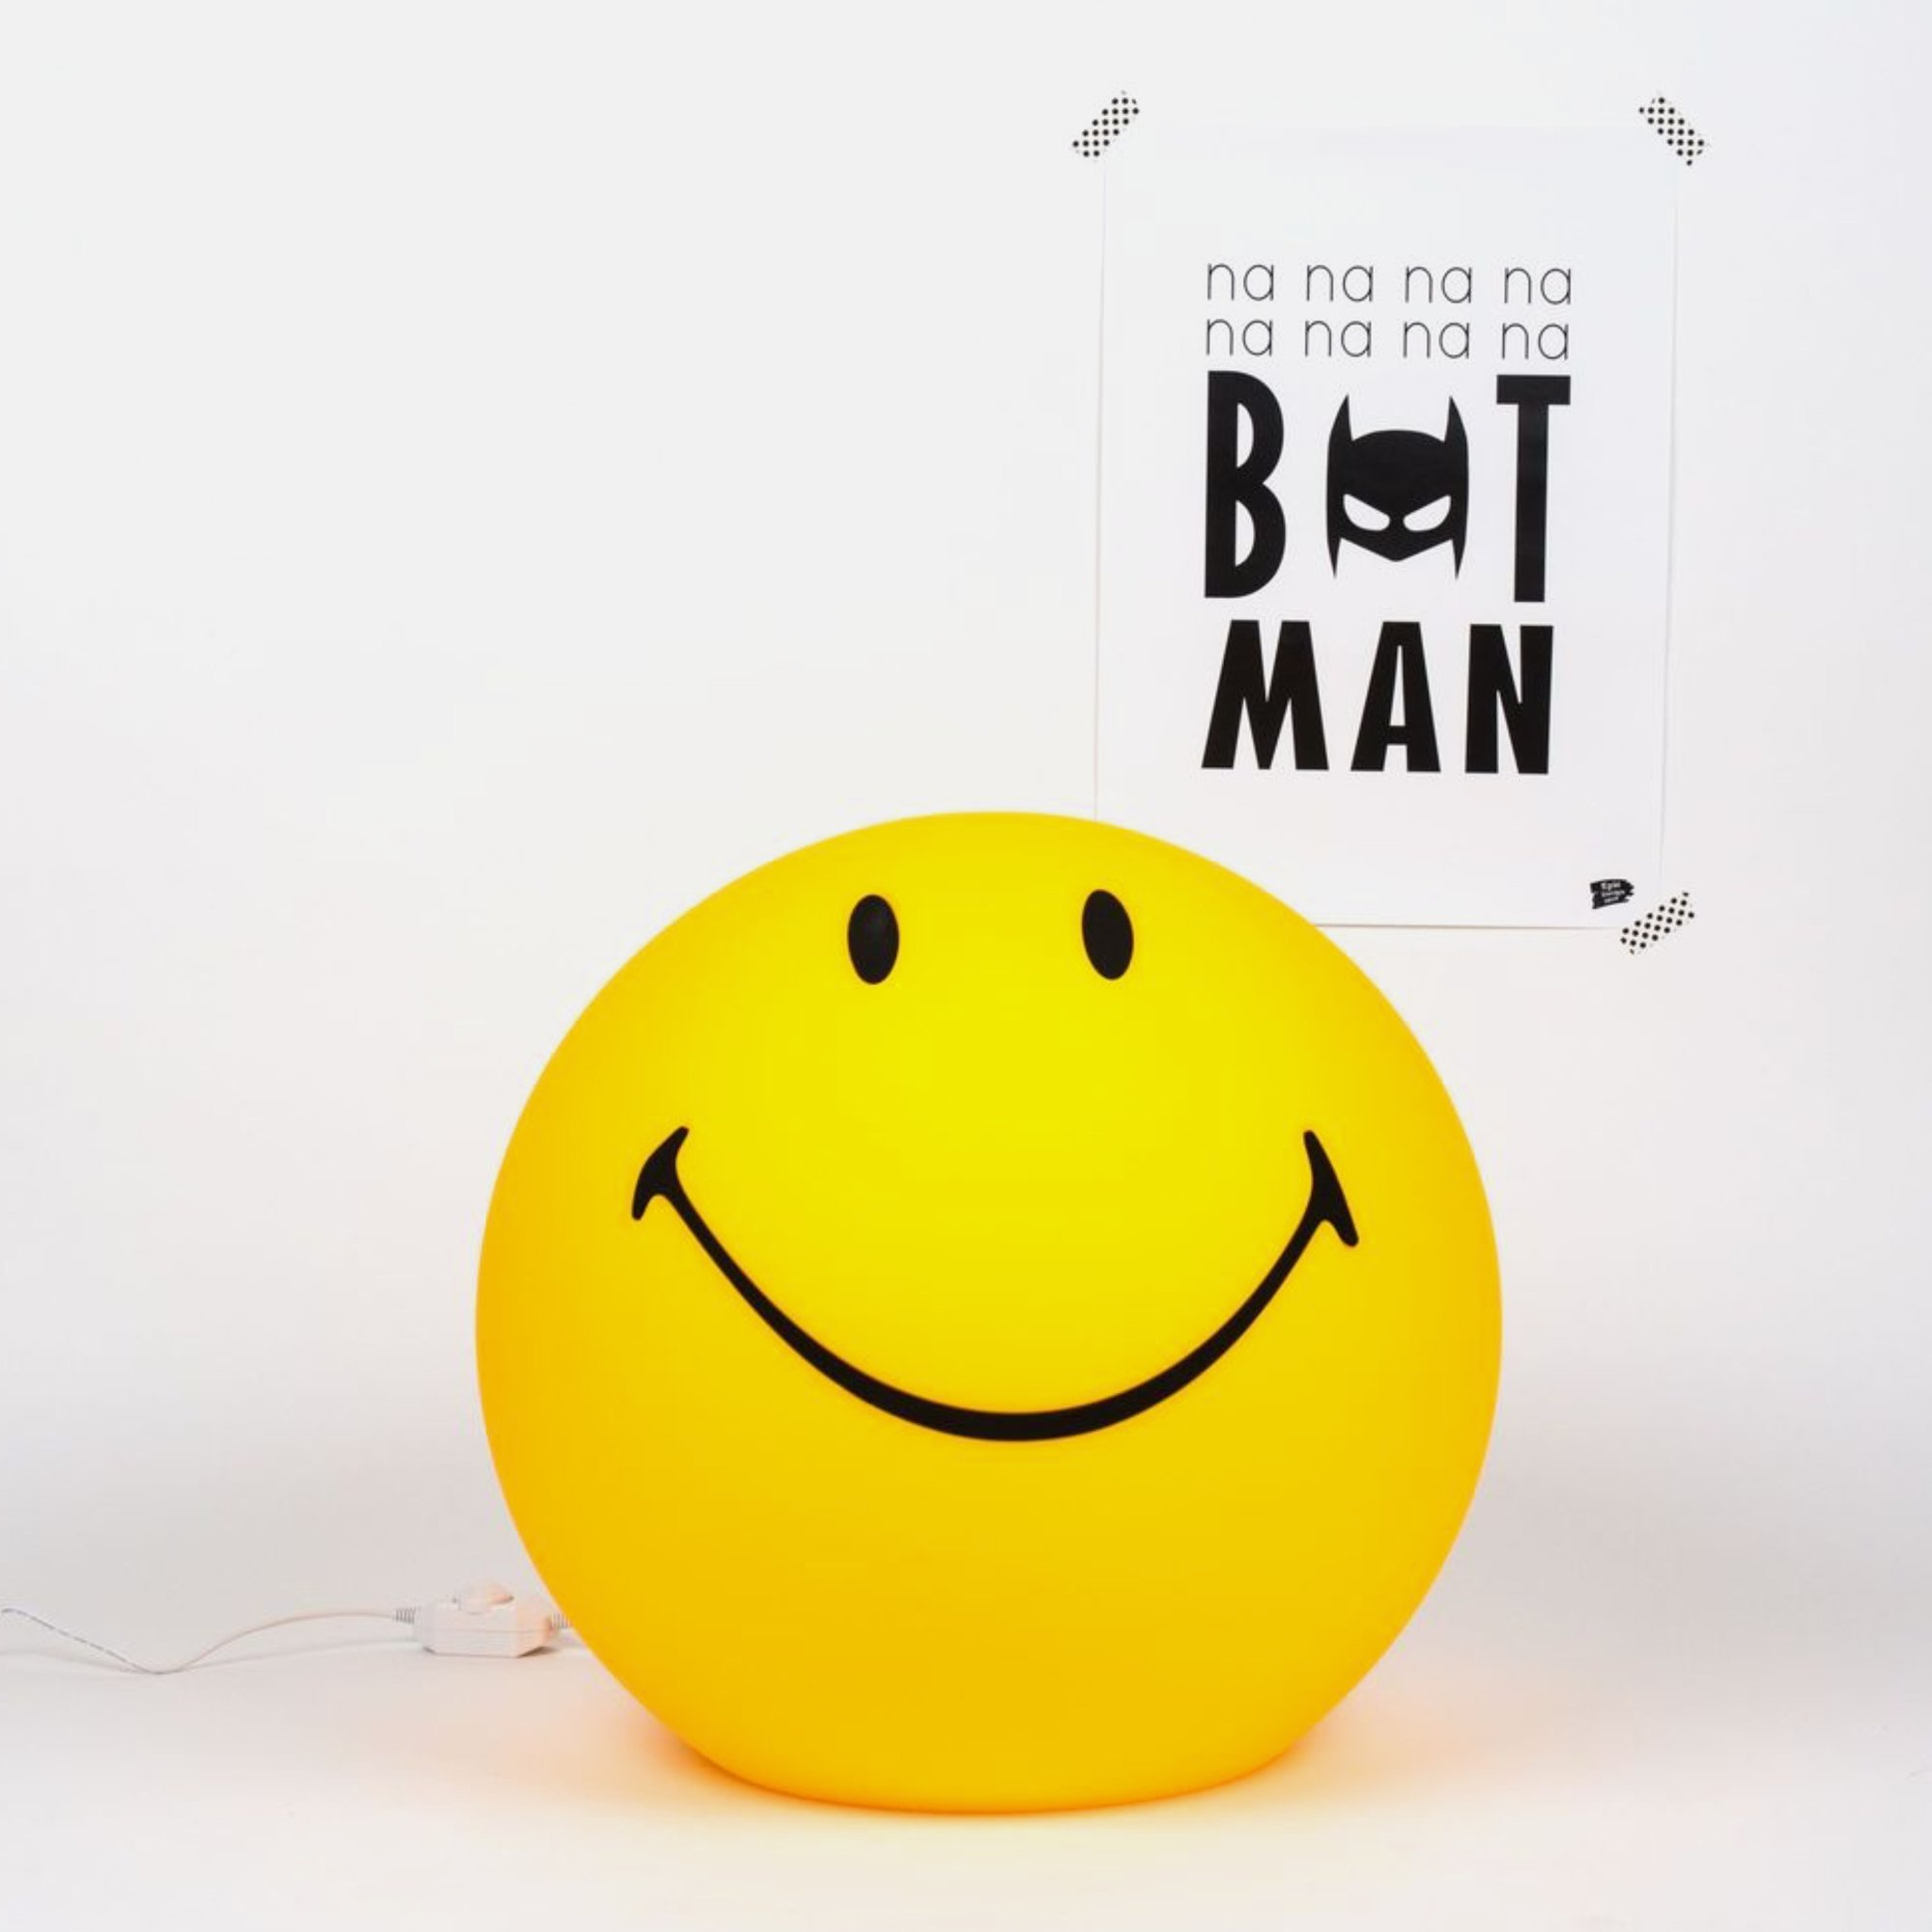 乐观积极人生鼓励小夜灯 Lamp Smiley 创意笑脸灯 Maria Mr 荷兰